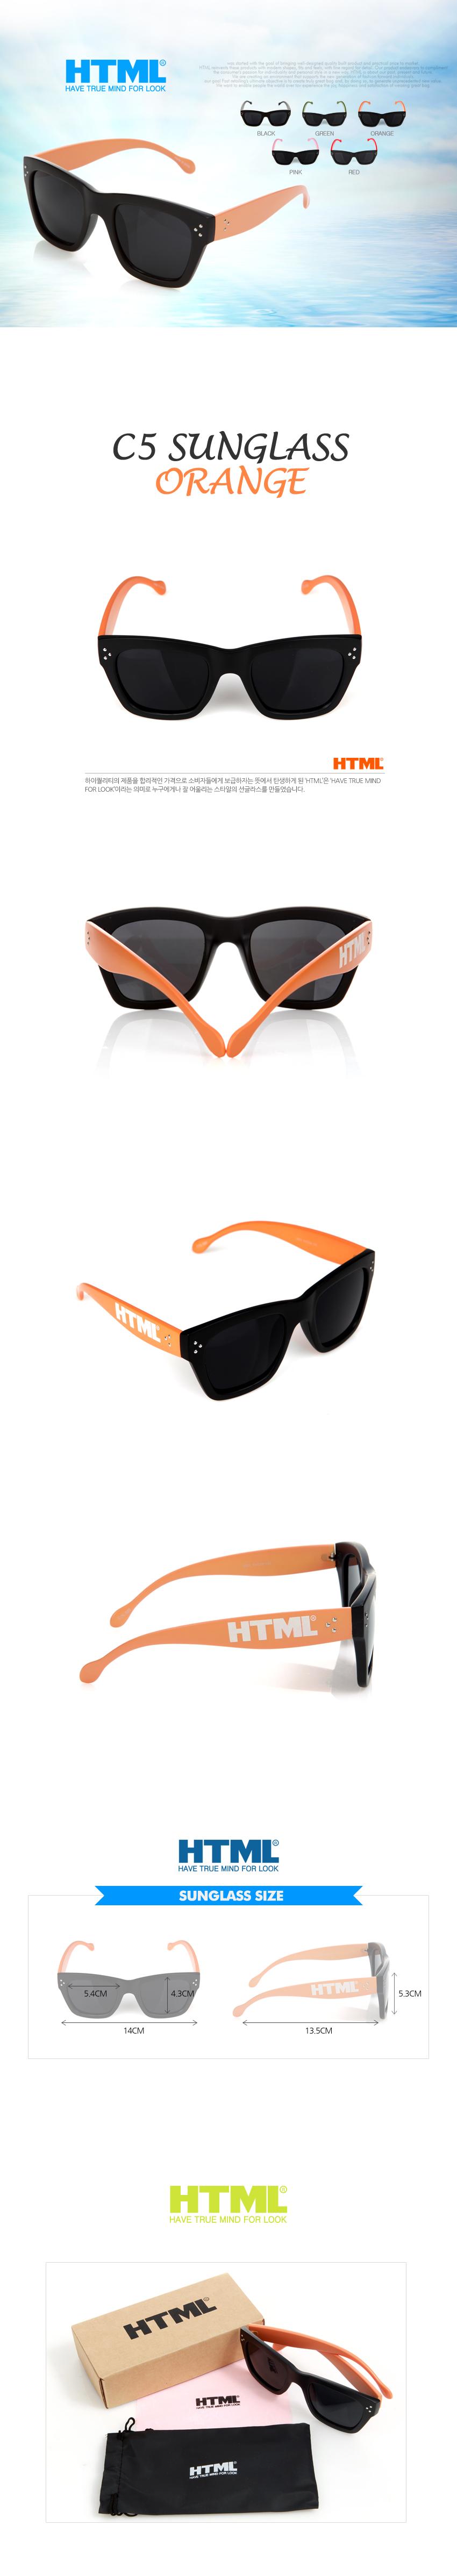 [에이치티엠엘] HTML - C5 sunglass (Orange)